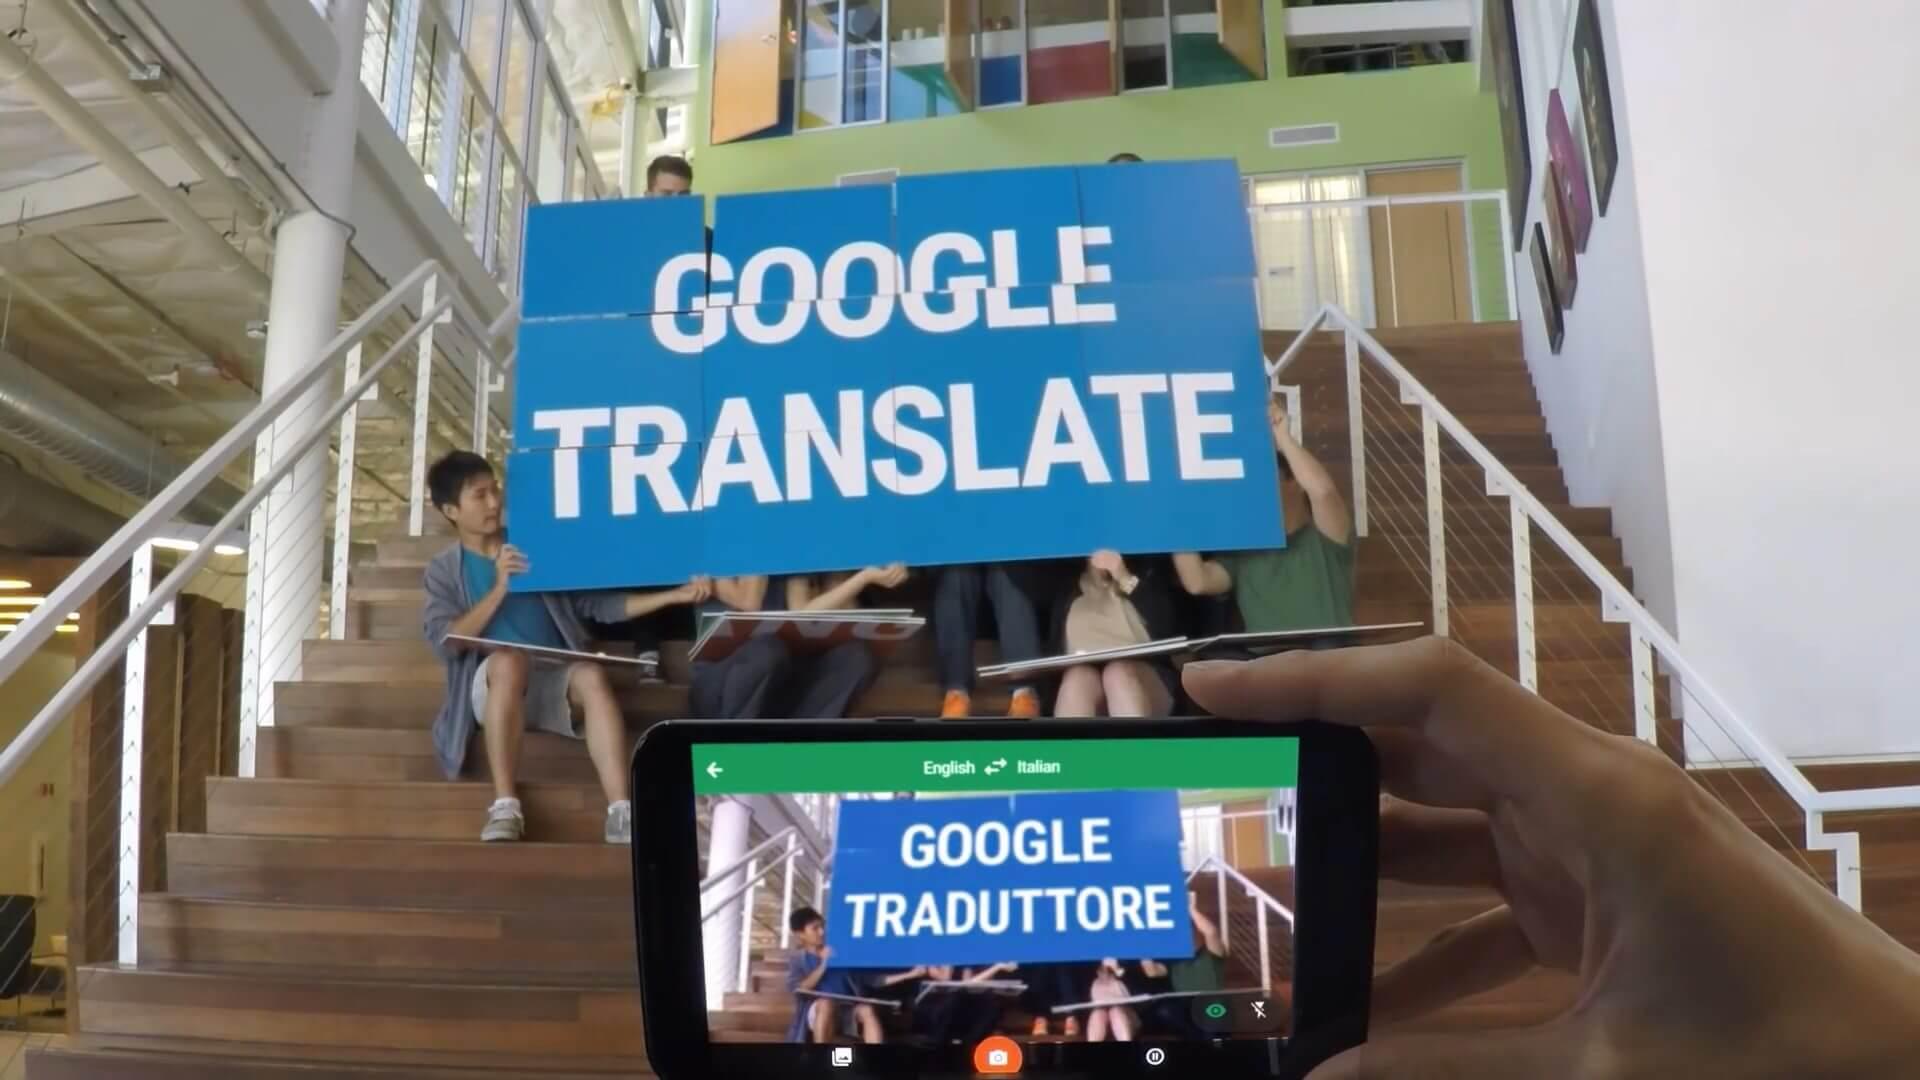 smt-GoogleTradutor-capa